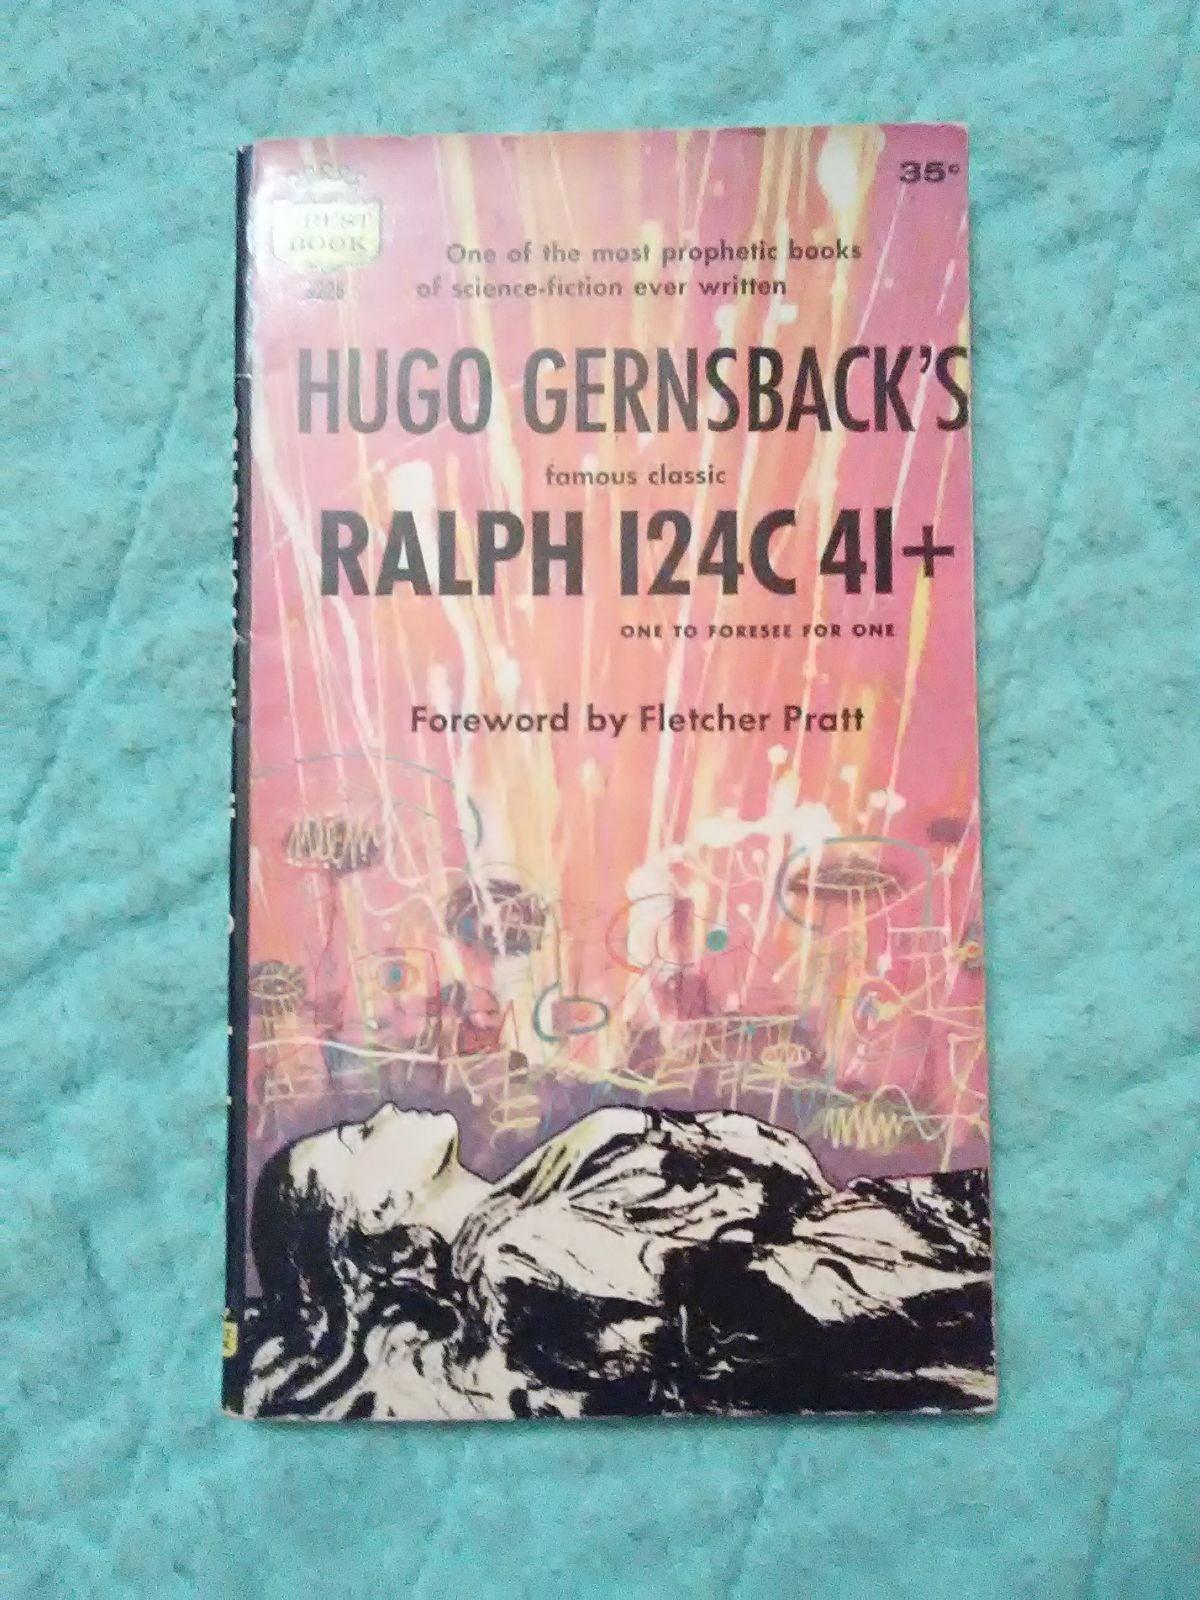 1958 Ralph 124C 41+ Hugo Gernsback